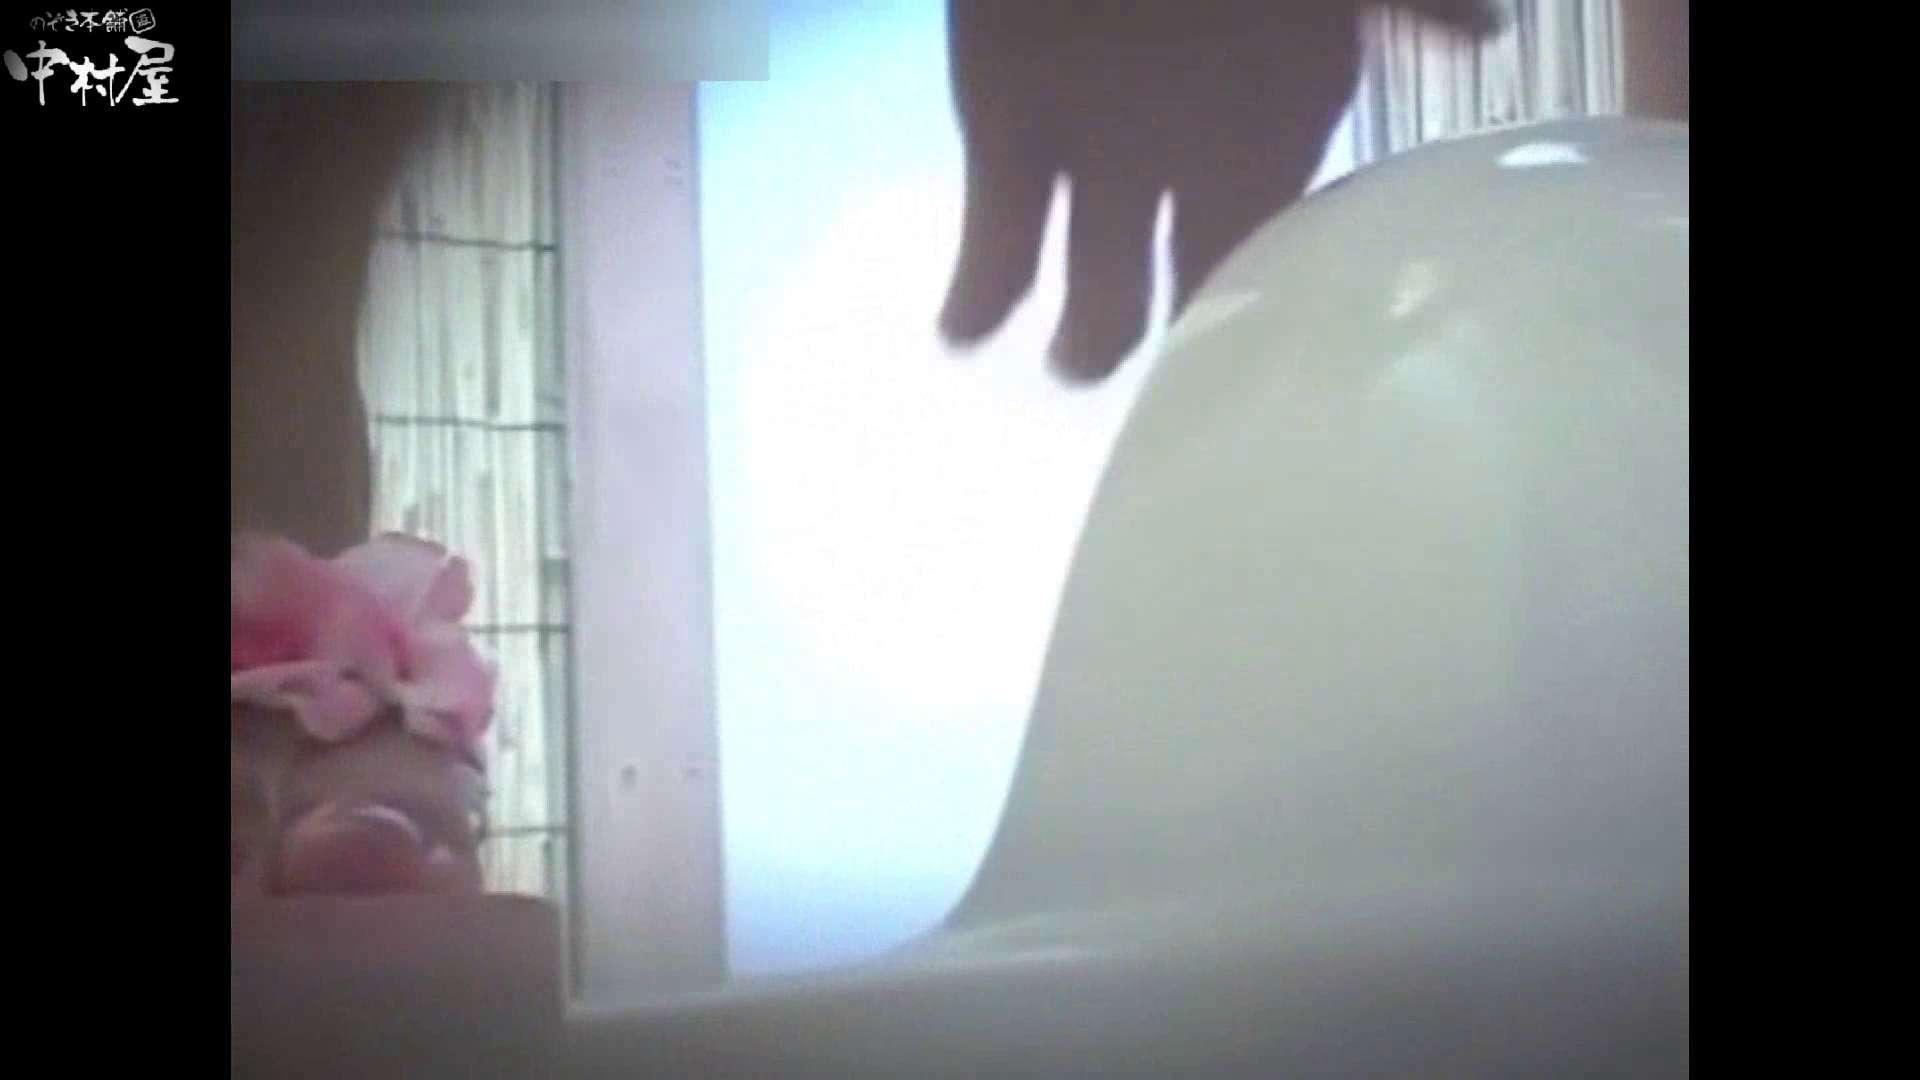 解禁!海の家4カメ洗面所vol.38 人気シリーズ 盗み撮り動画キャプチャ 85枚 11